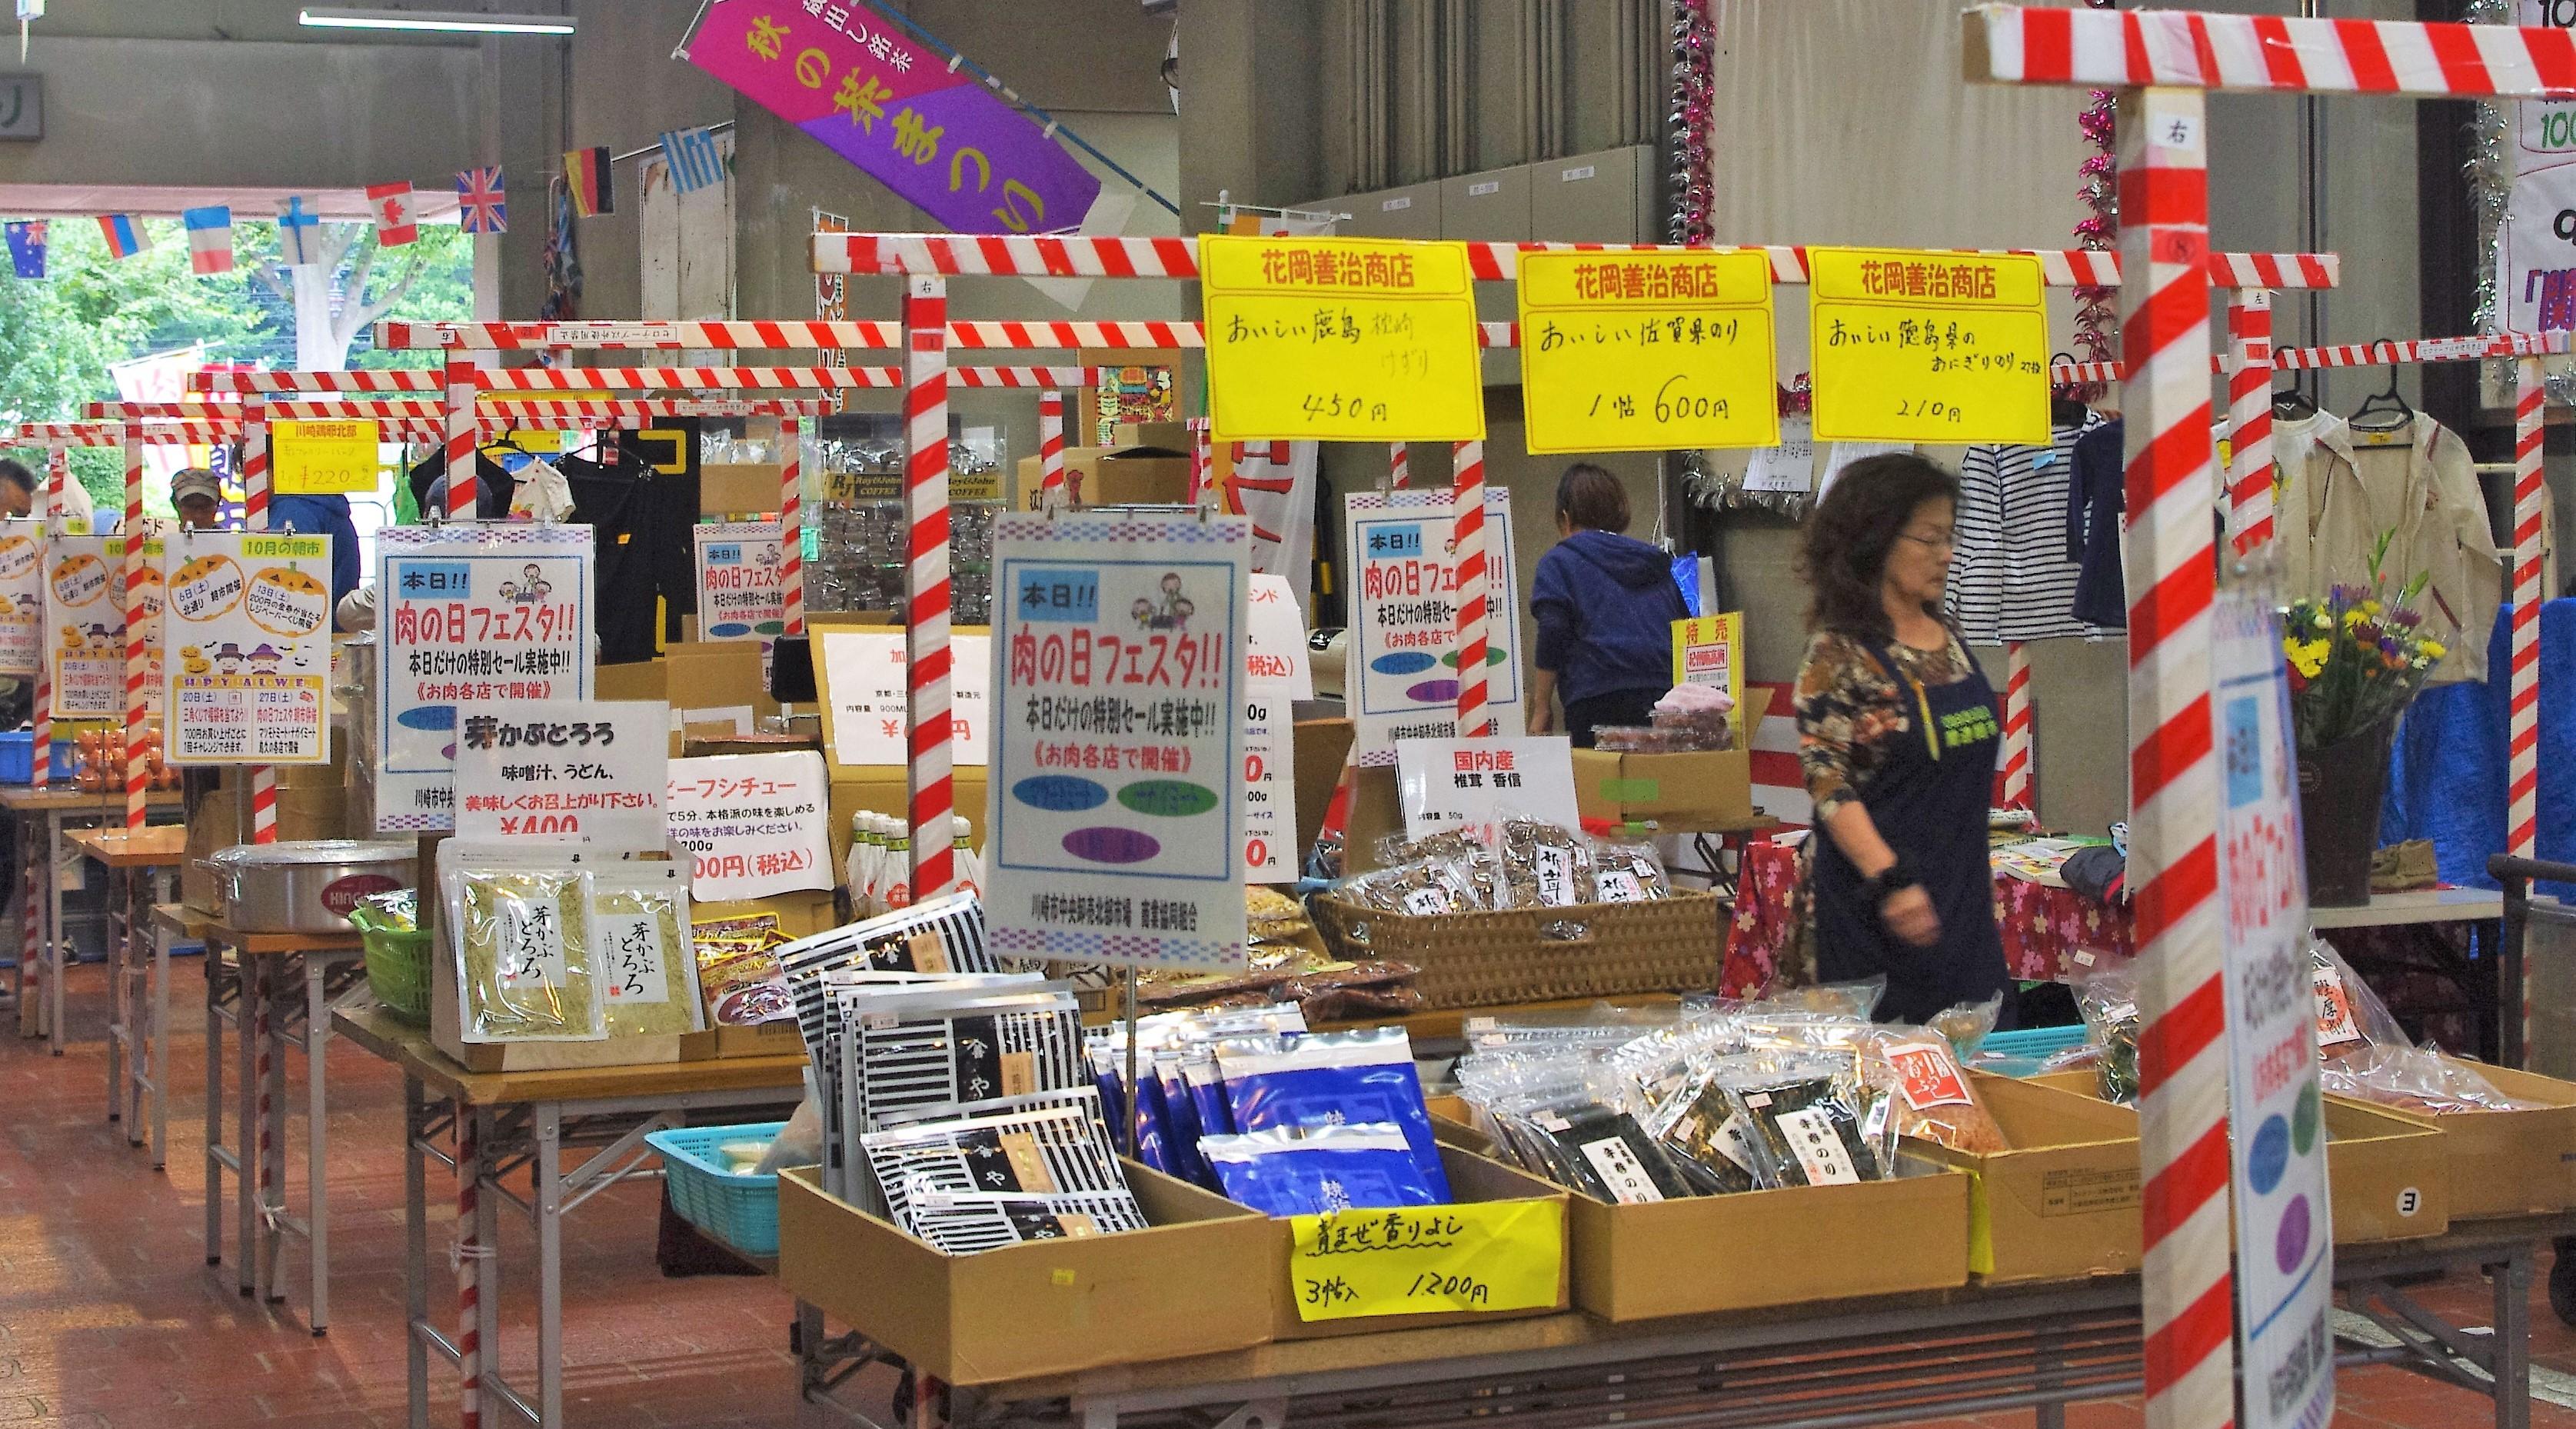 【体験取材レポ】川崎市北部市場に買い物に行ってみました!一般客大歓迎でした!《入門編》